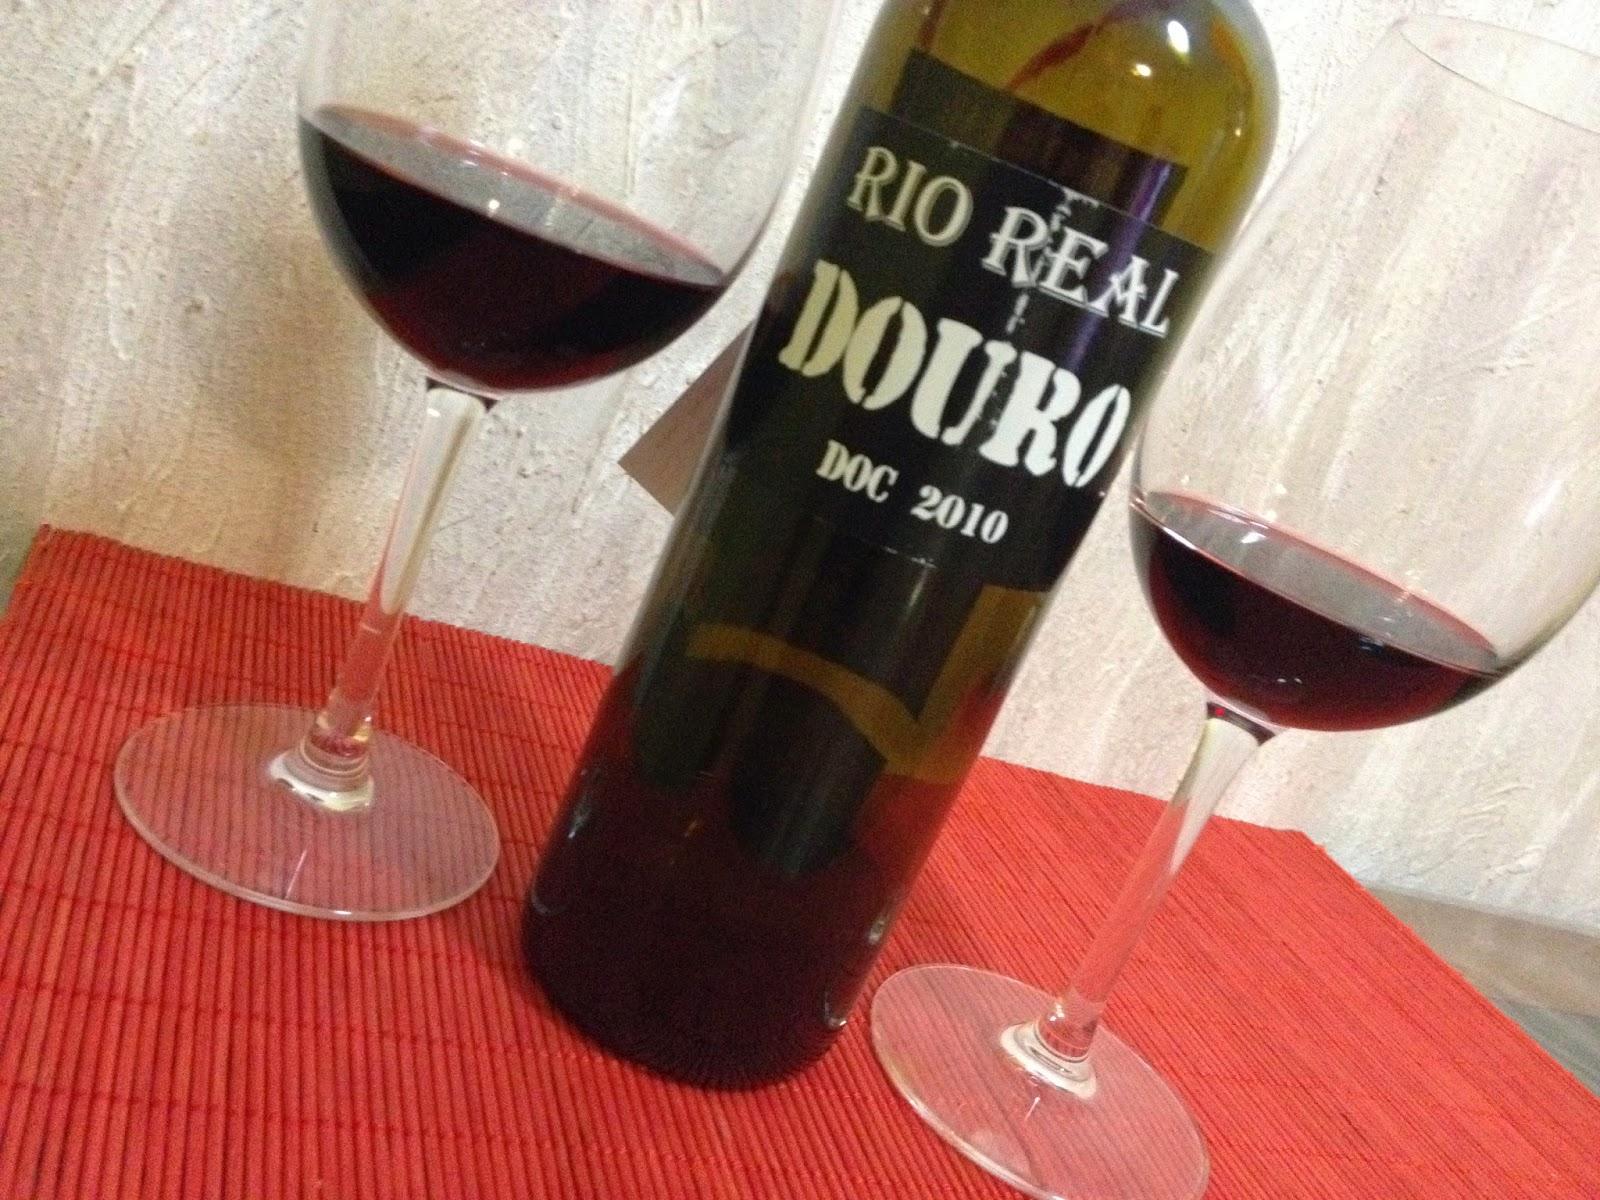 Rio Real Douro 2010